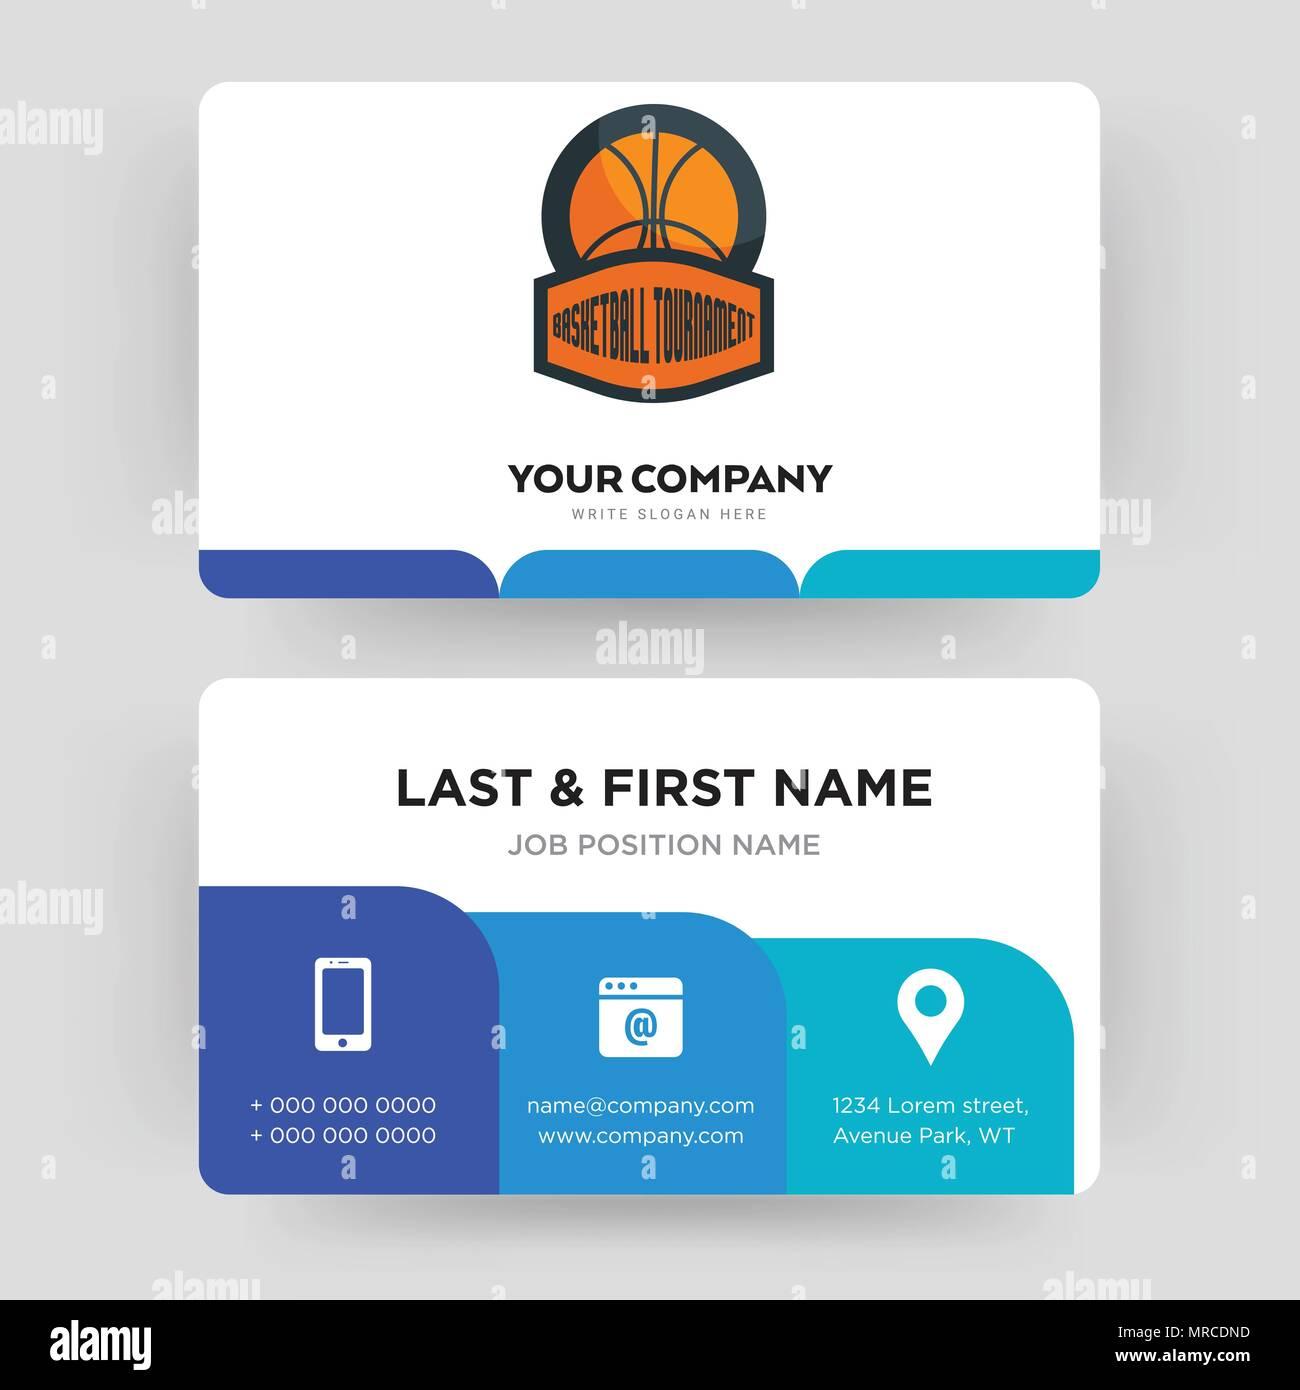 Tournoi De Basket Ball Carte Visite Modele Conception Pour Votre Entreprise Creative Et Moderne Didentite Propre Vector